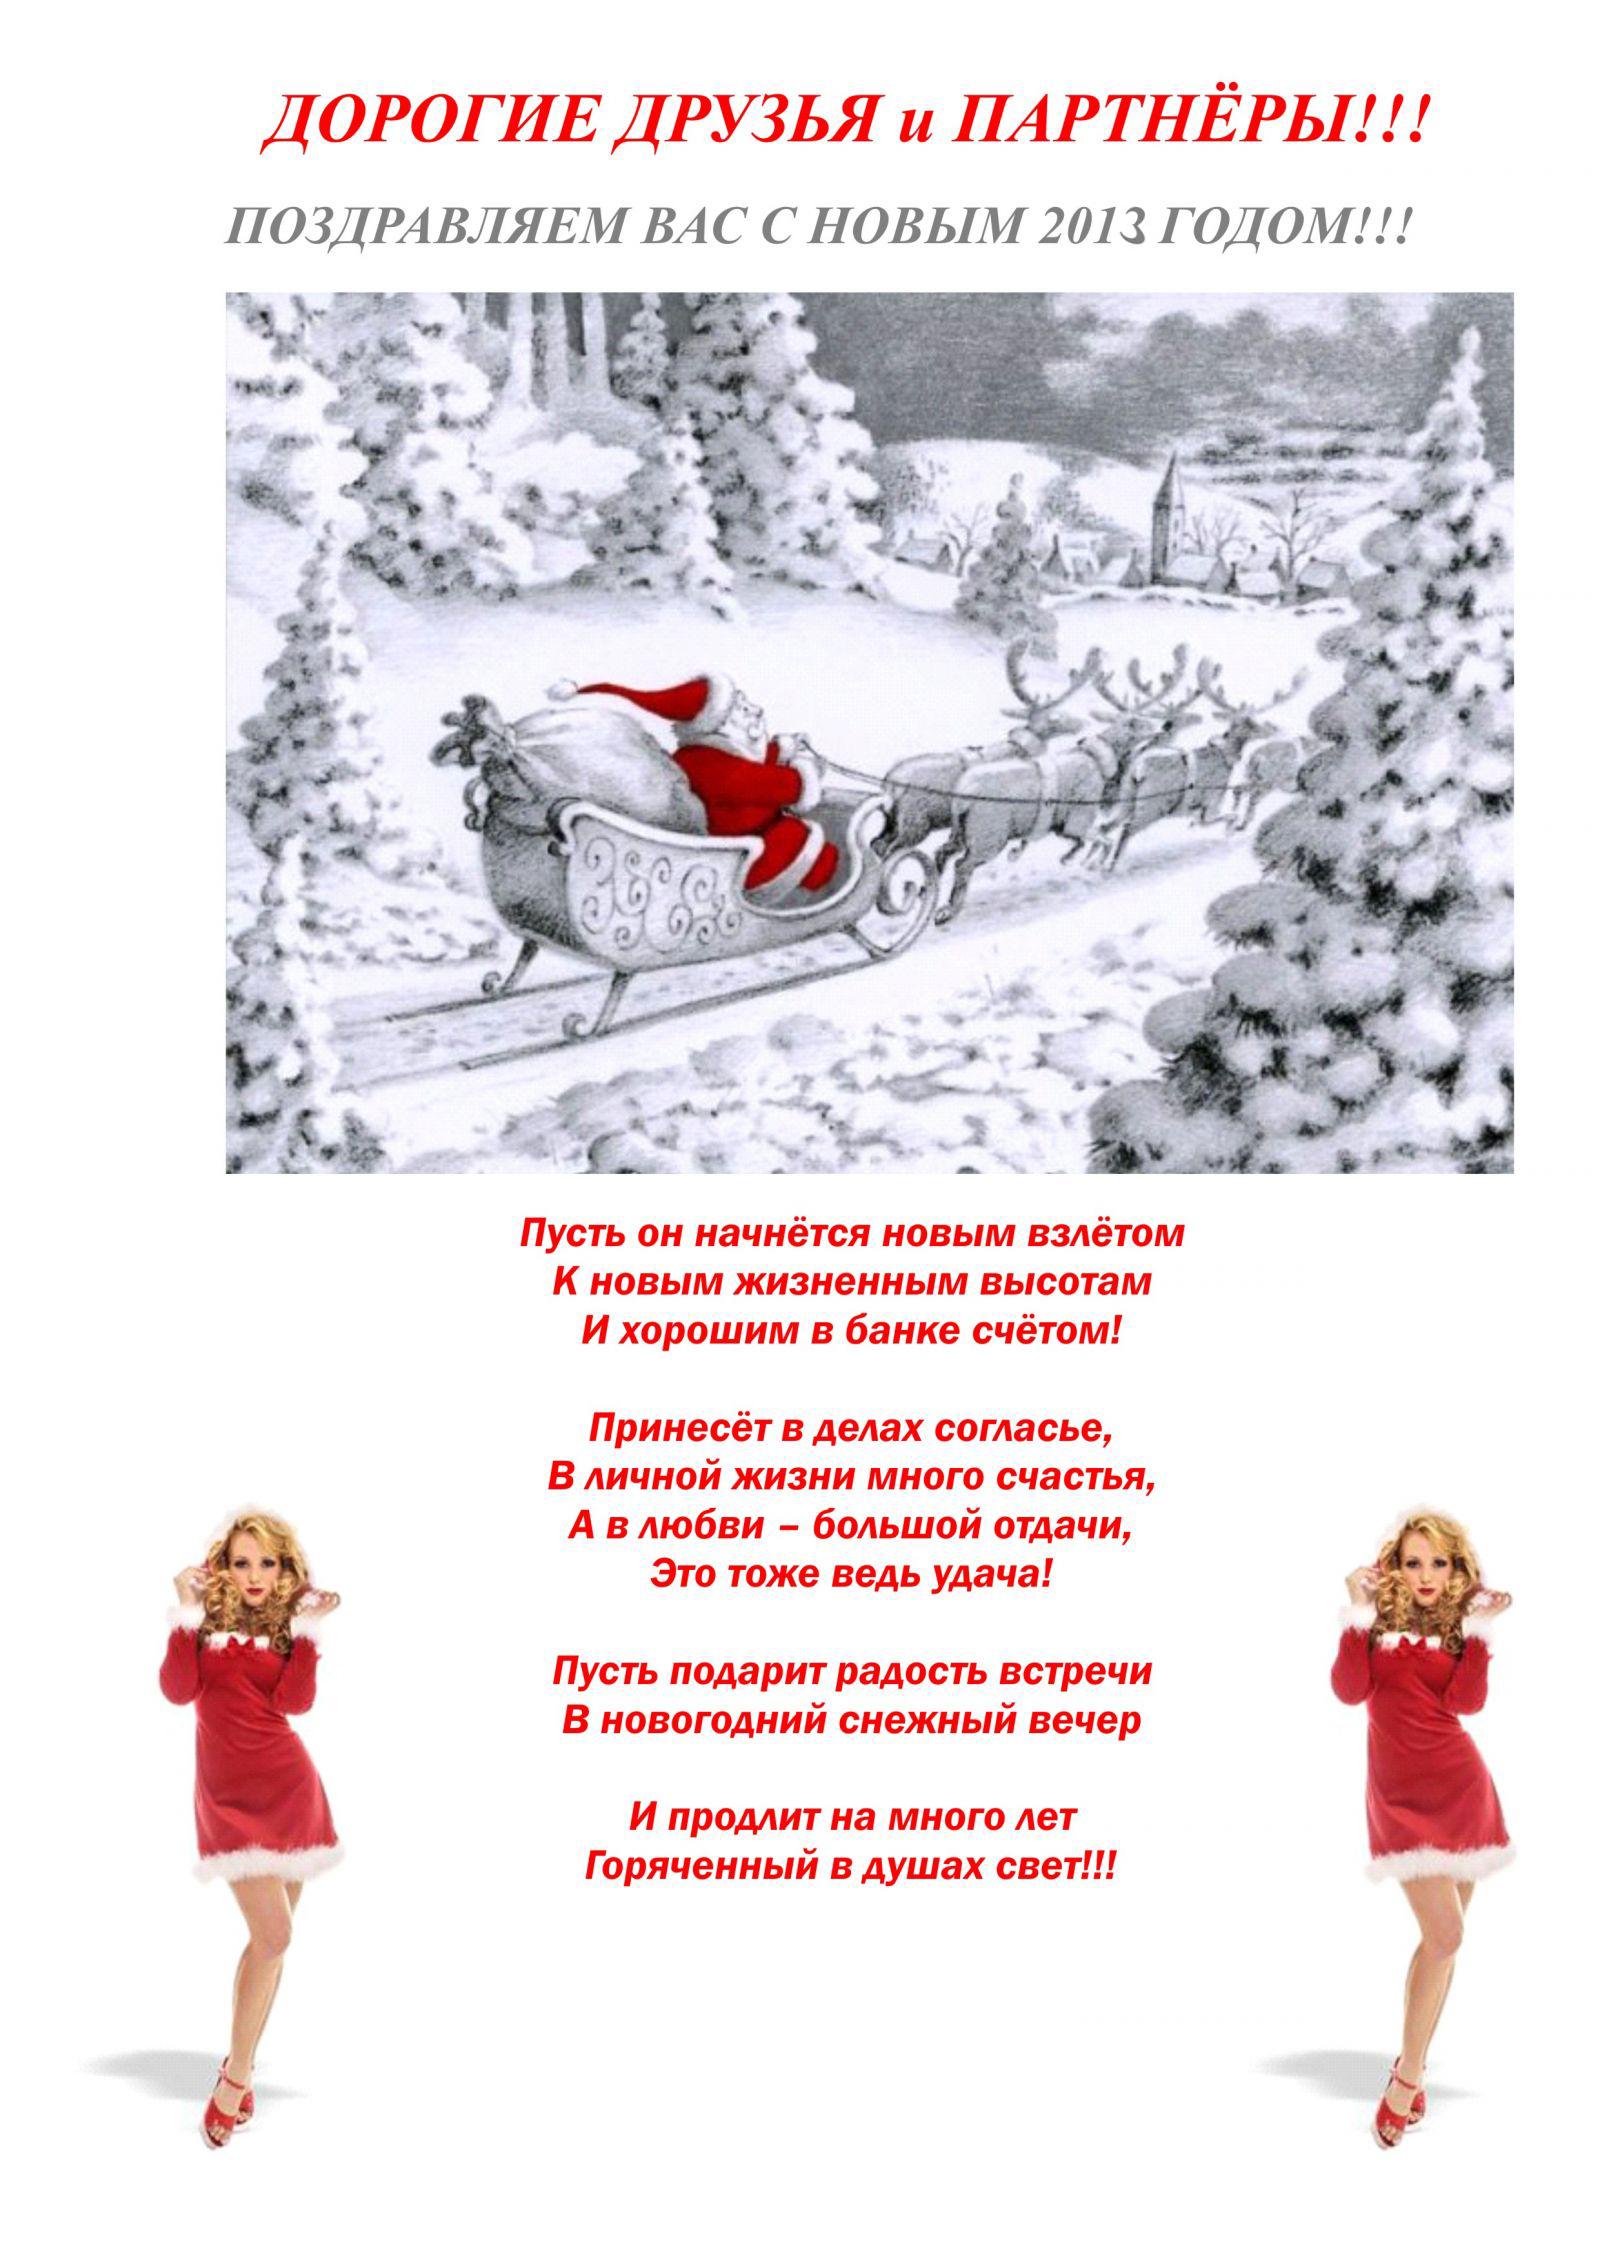 Новогодние открытки. Огромная анимированная новогодняя открытка для взрослых. На белом фоне сверху нарисована замечательная картинка – дед Мороз в своих волшебных санях спешит развести все подарки детишкам и тем взрослым, которые хорошо вели себя в уходящем году. А снизу – большой поздравительный текст, по краям которого стоят красивые девушки в красных платьишках и шапочках с помпончиком.